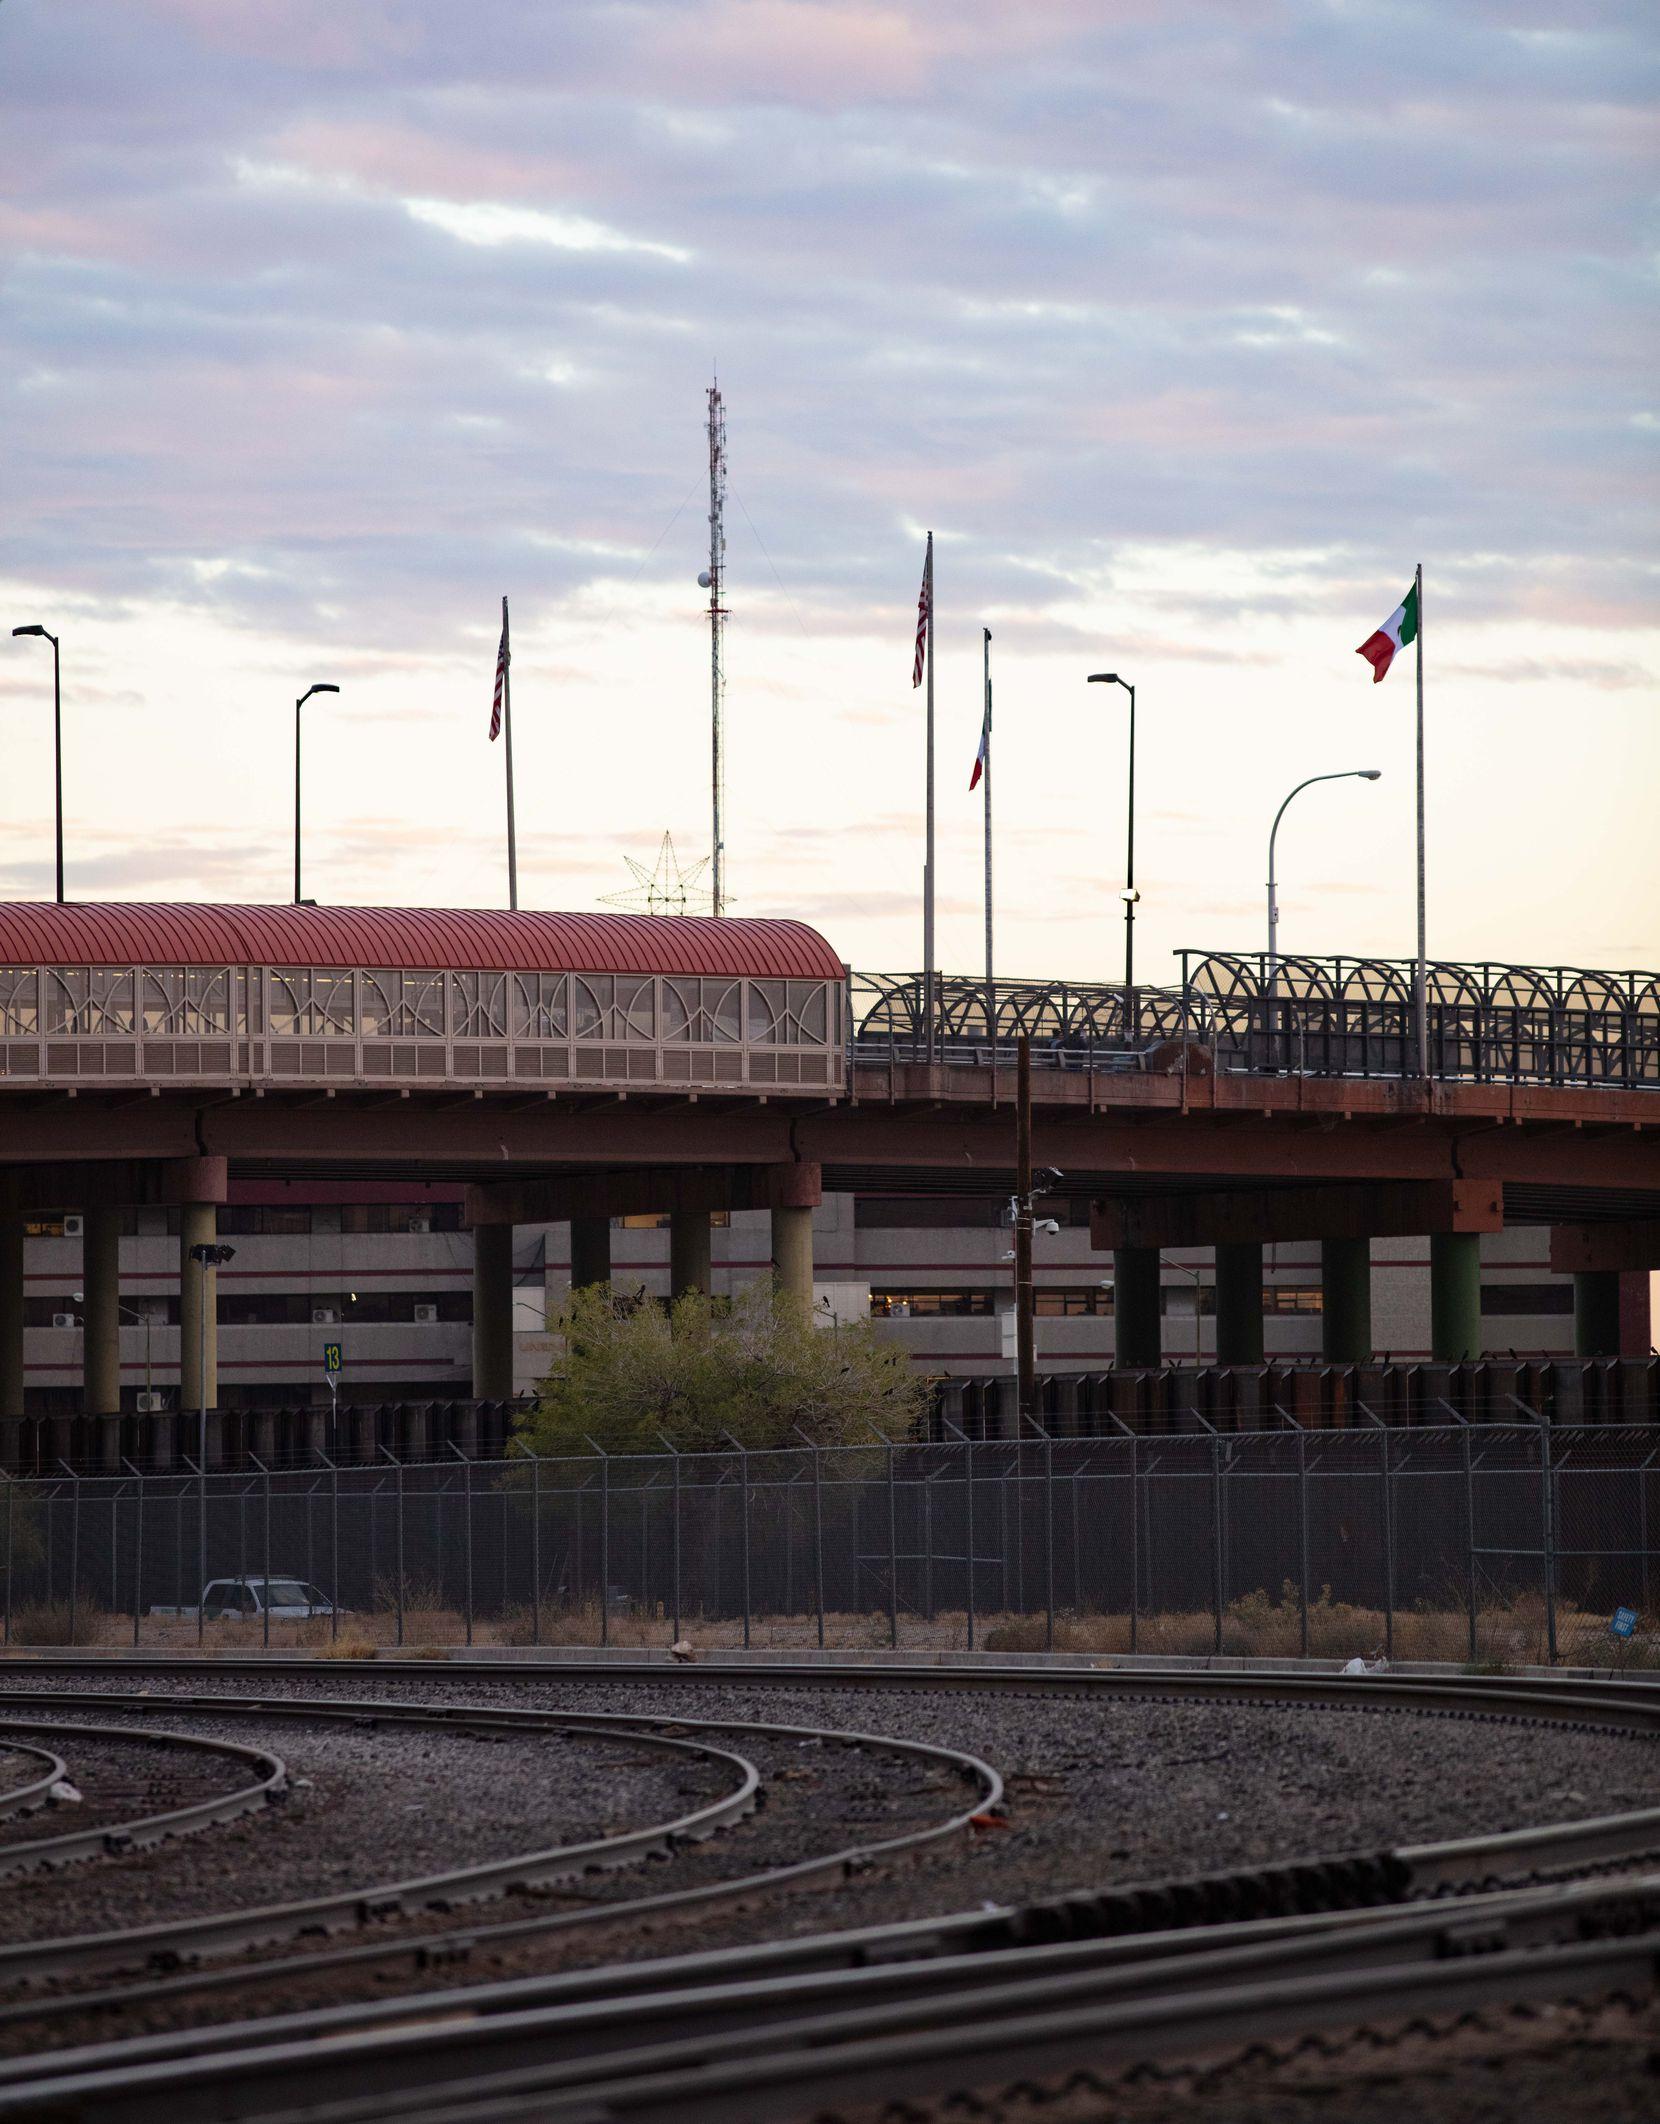 The Paso Del Norte international bridge in downtown El Paso.